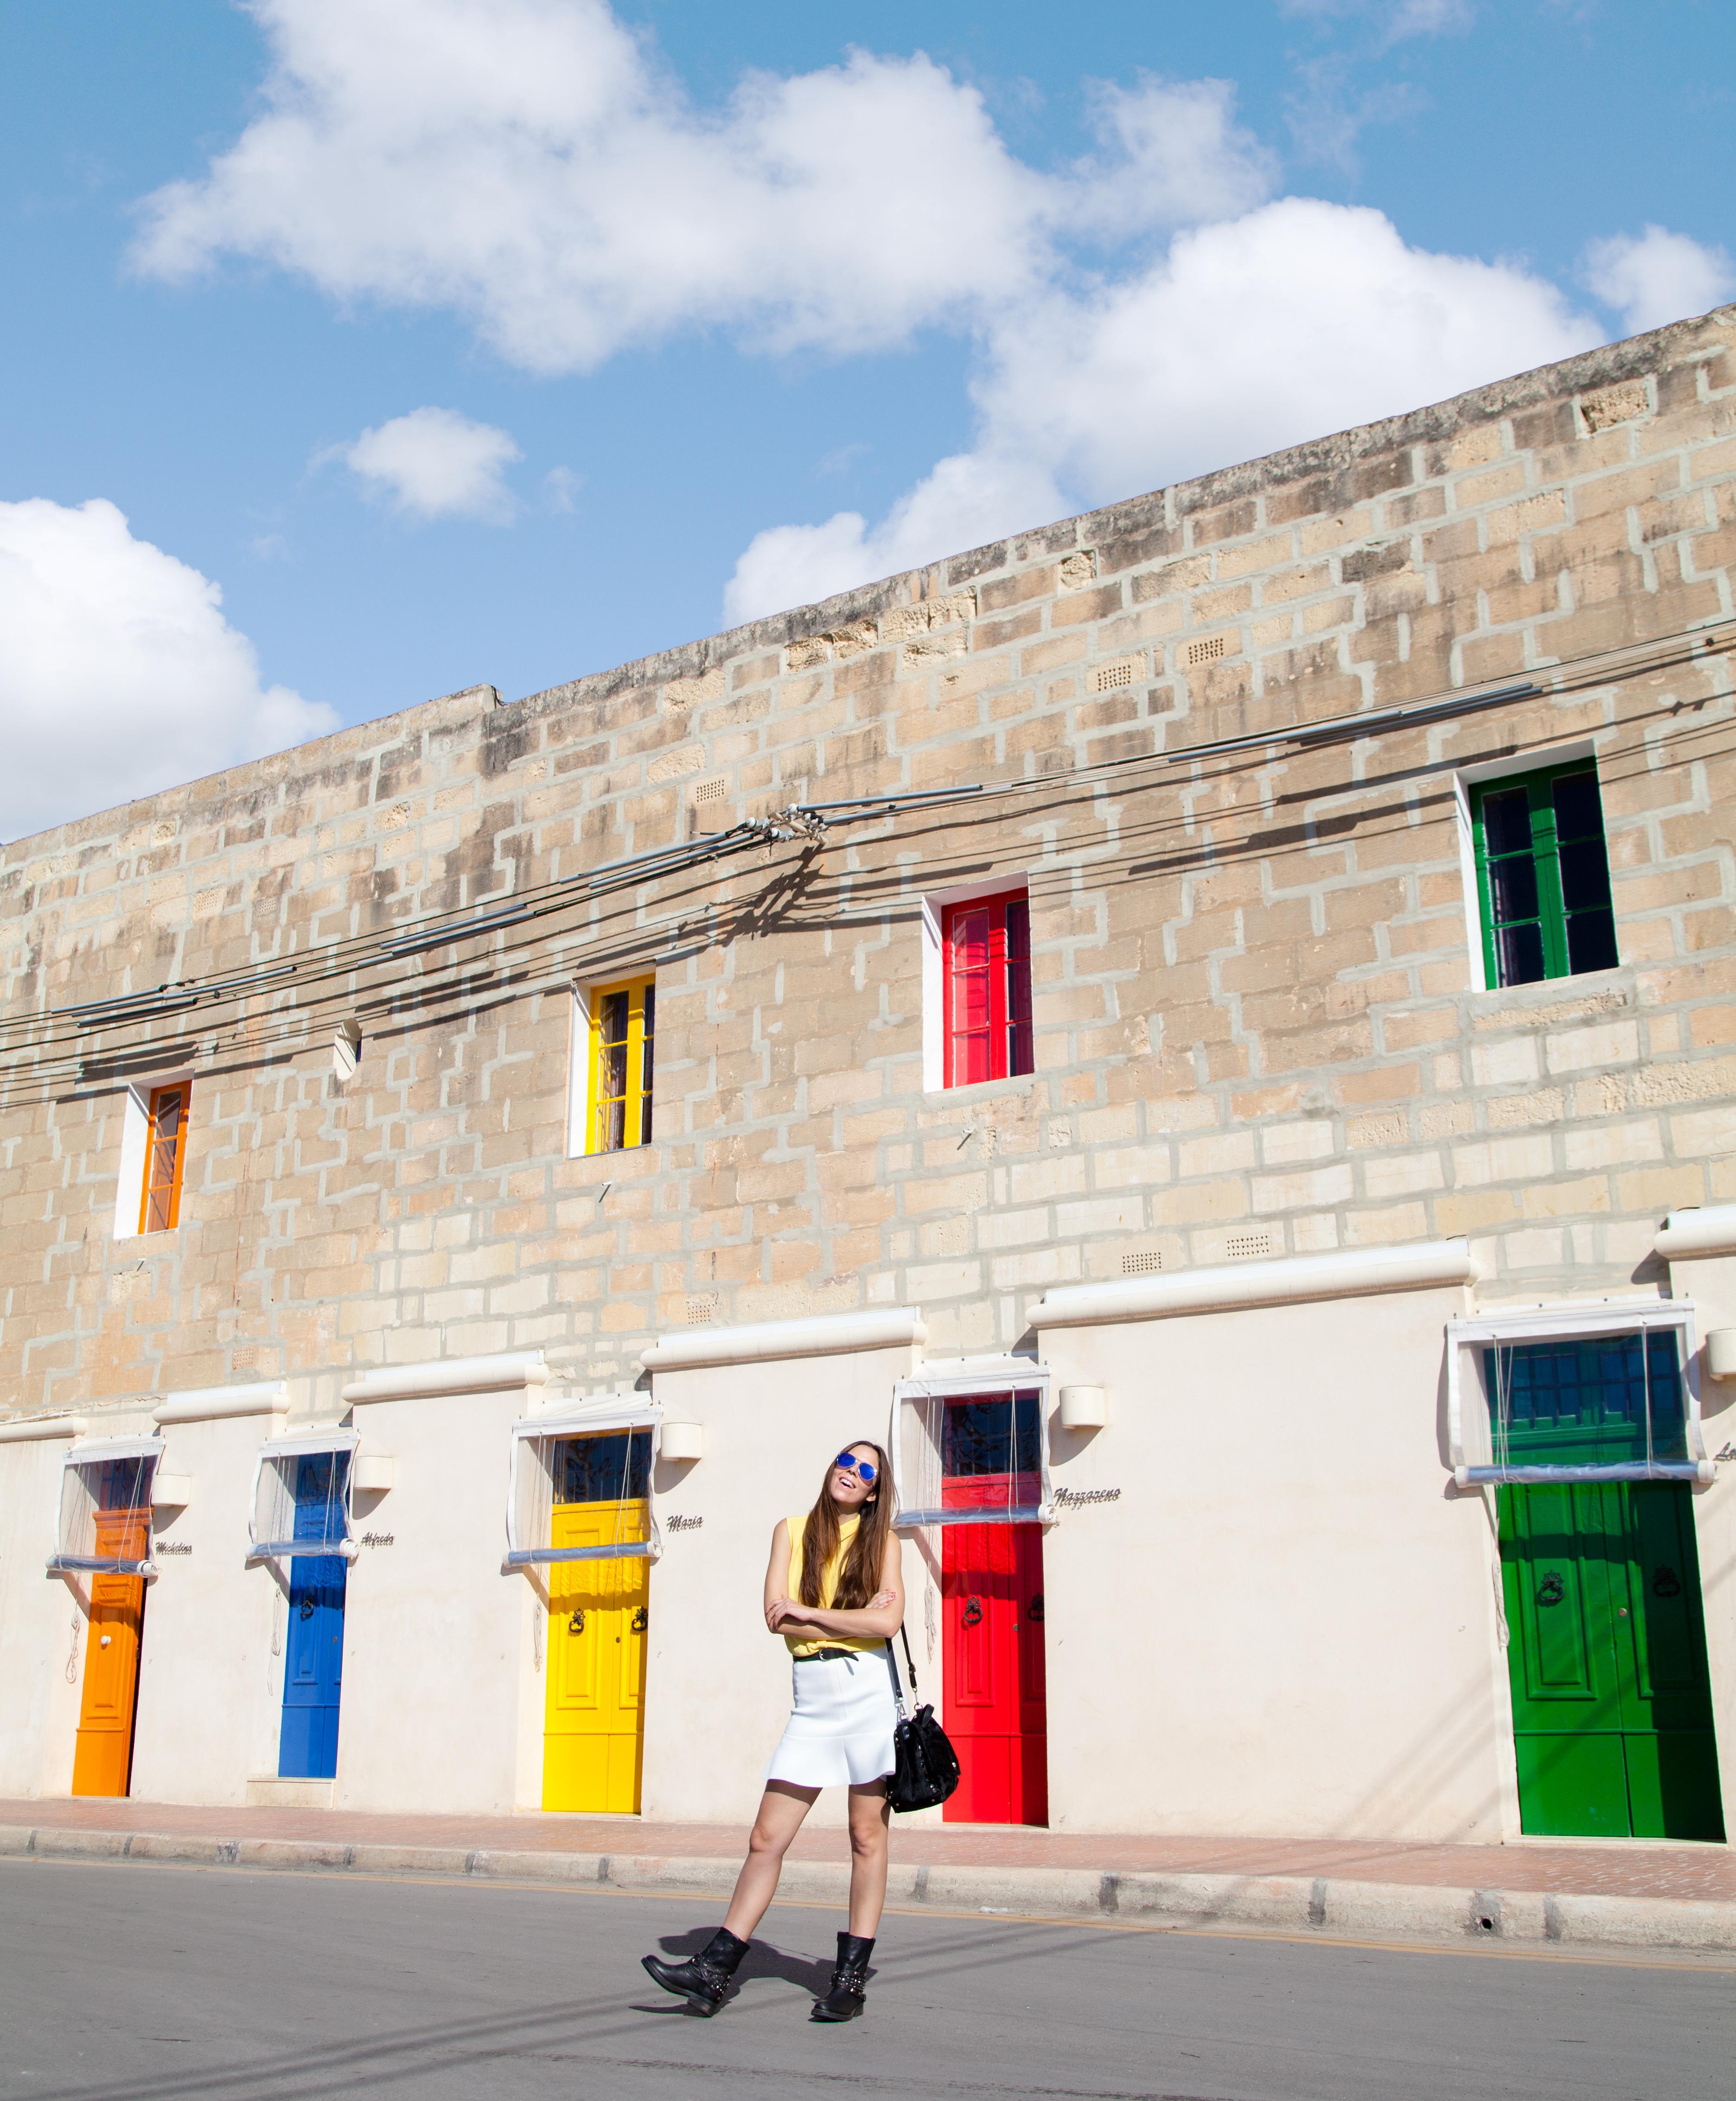 cosa vedere a Malta | case maltesi | palazzi maltesi